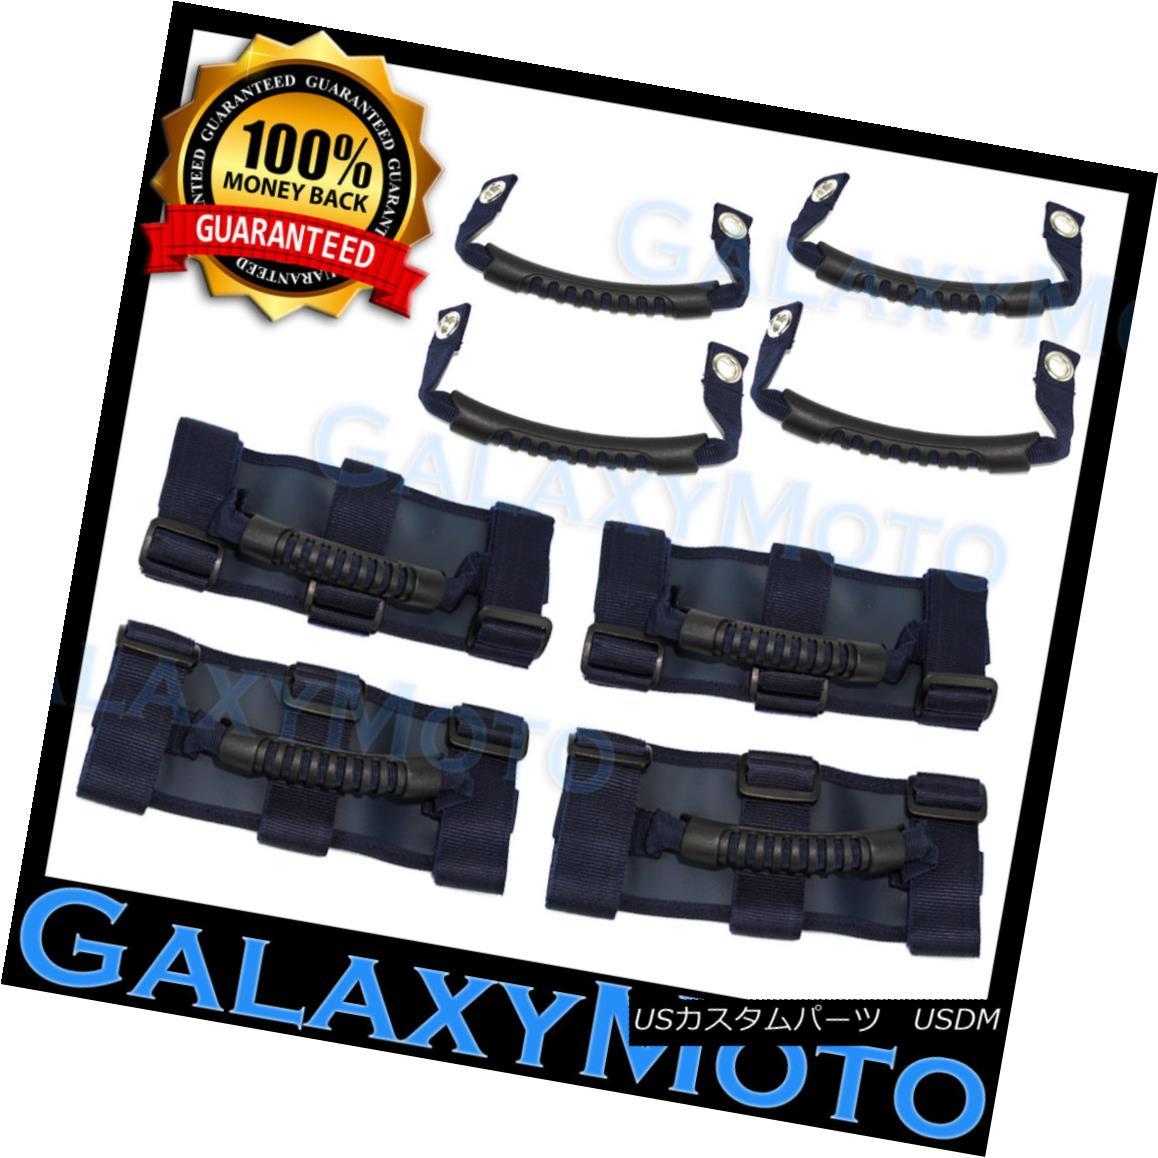 グリル Jeep Wrangler JK TJ YJ Deluxe Extreme BLUE 8pcs Roll Bar+Rear Side Grab Handle ジープラングラーJK TJ YJデラックスエクストリームブルー8本ロールバー+リアサイドグラブハンドル